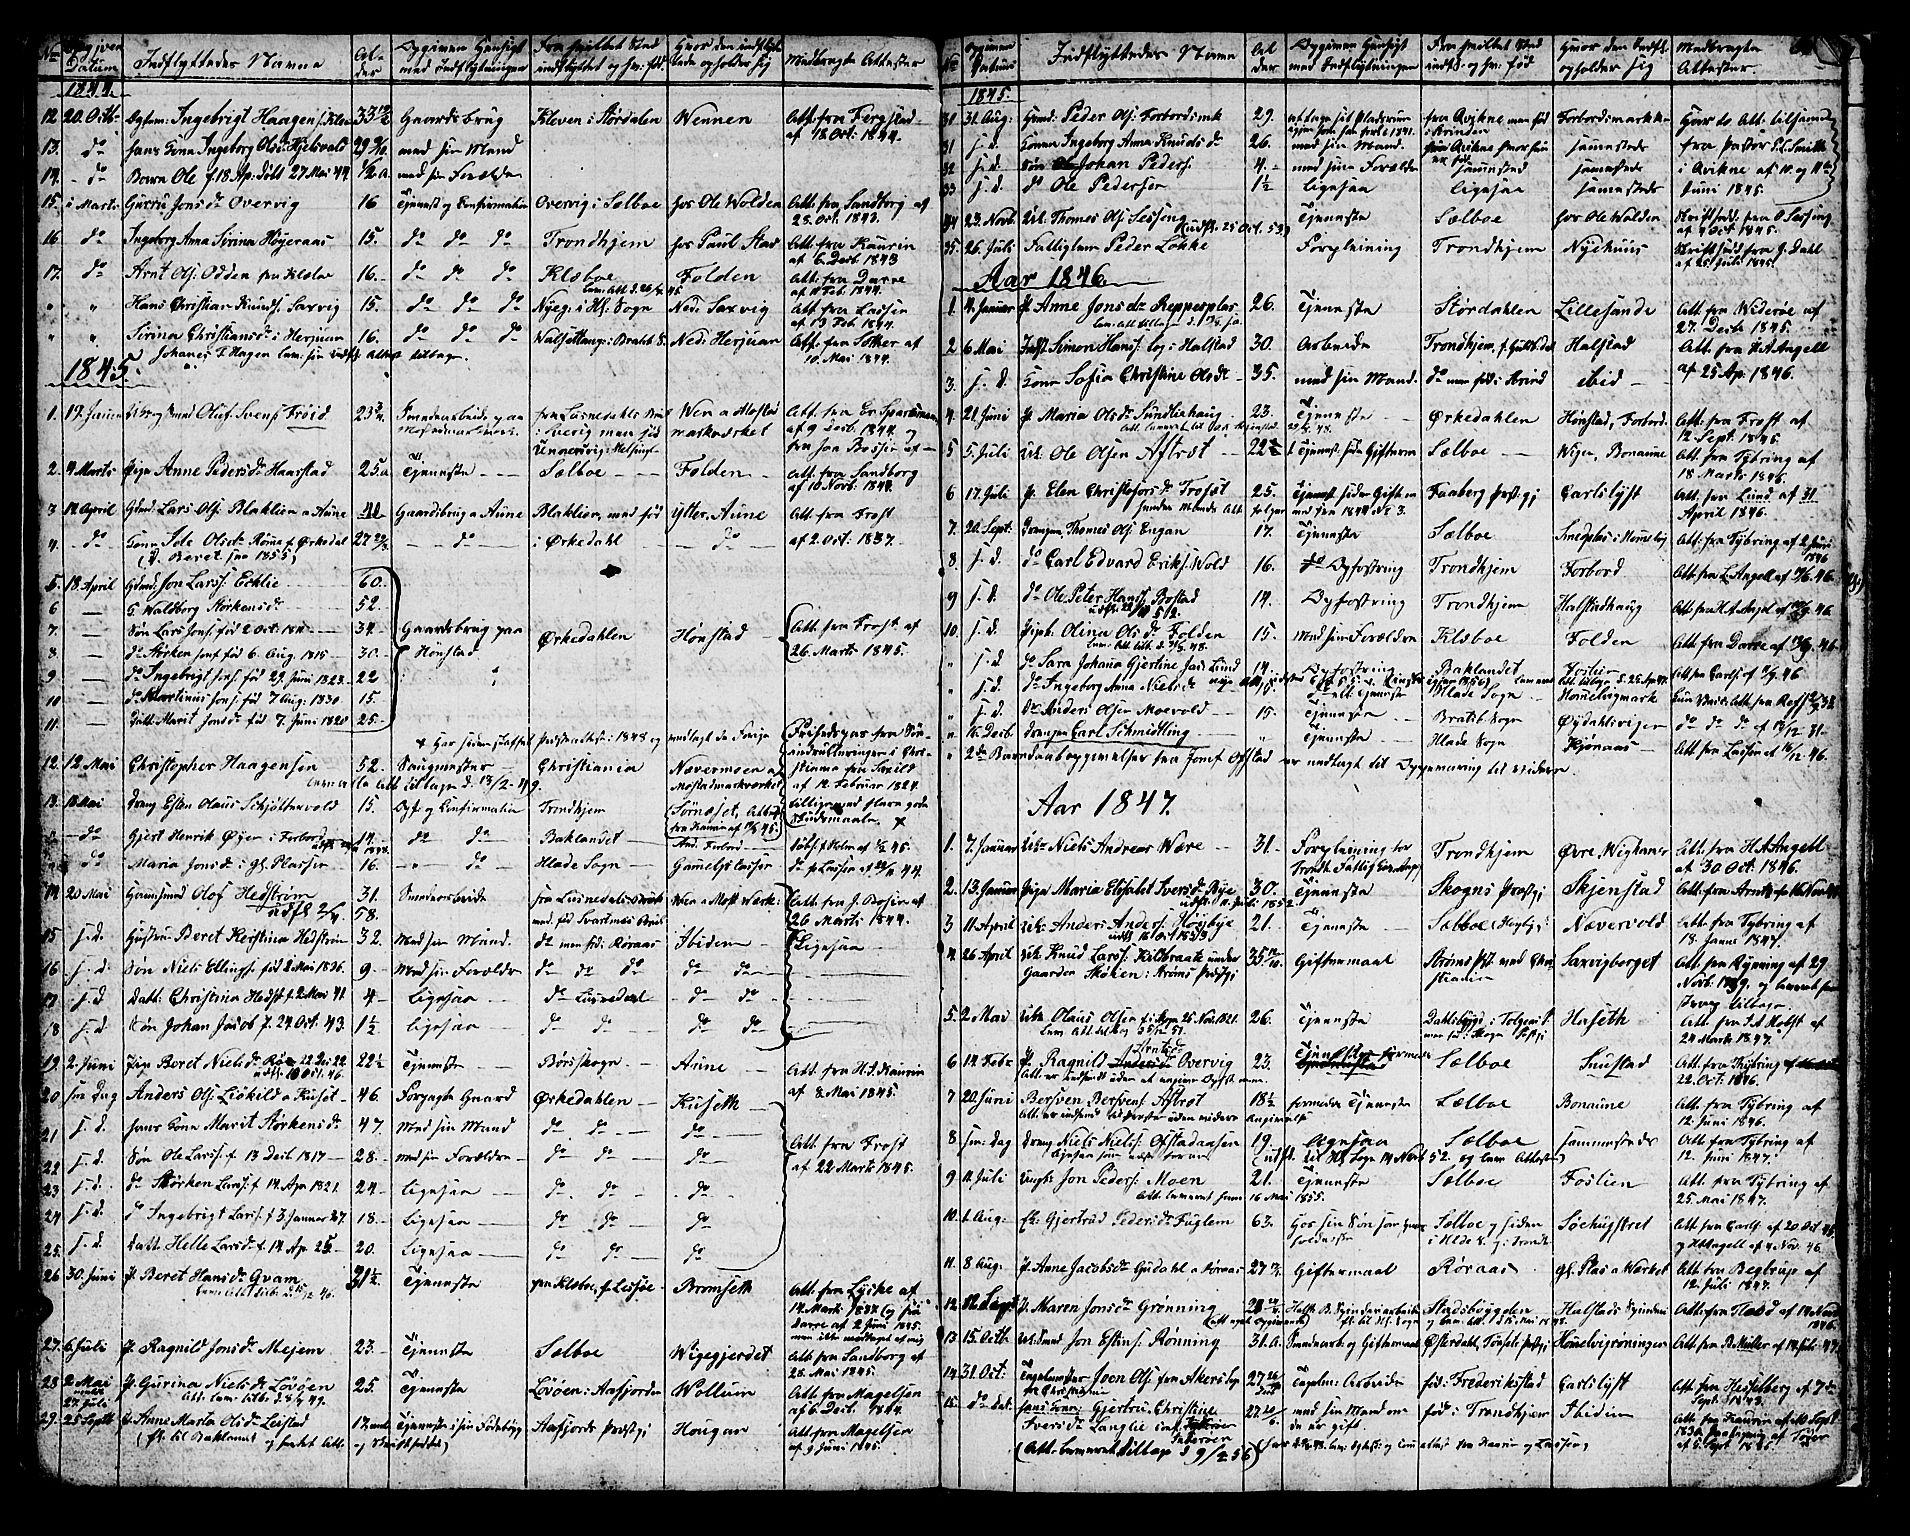 SAT, Ministerialprotokoller, klokkerbøker og fødselsregistre - Sør-Trøndelag, 616/L0421: Klokkerbok nr. 616C04, 1834-1850, s. 50